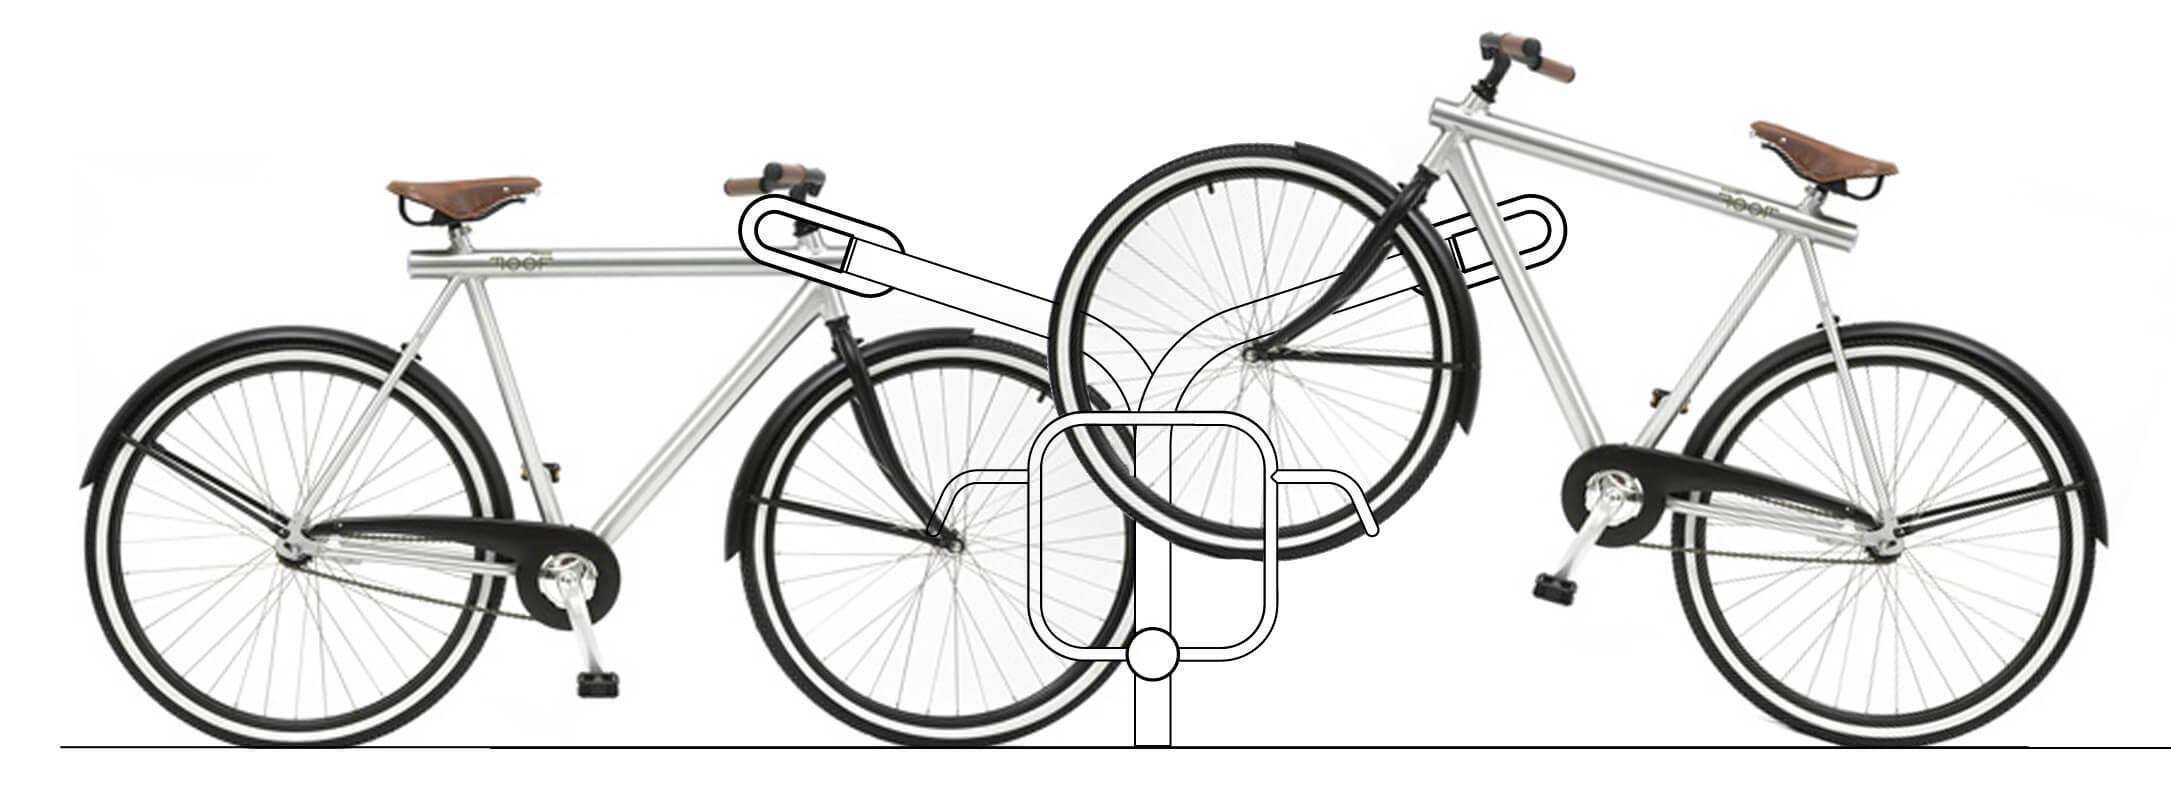 R-Net fietsrek lijntekening